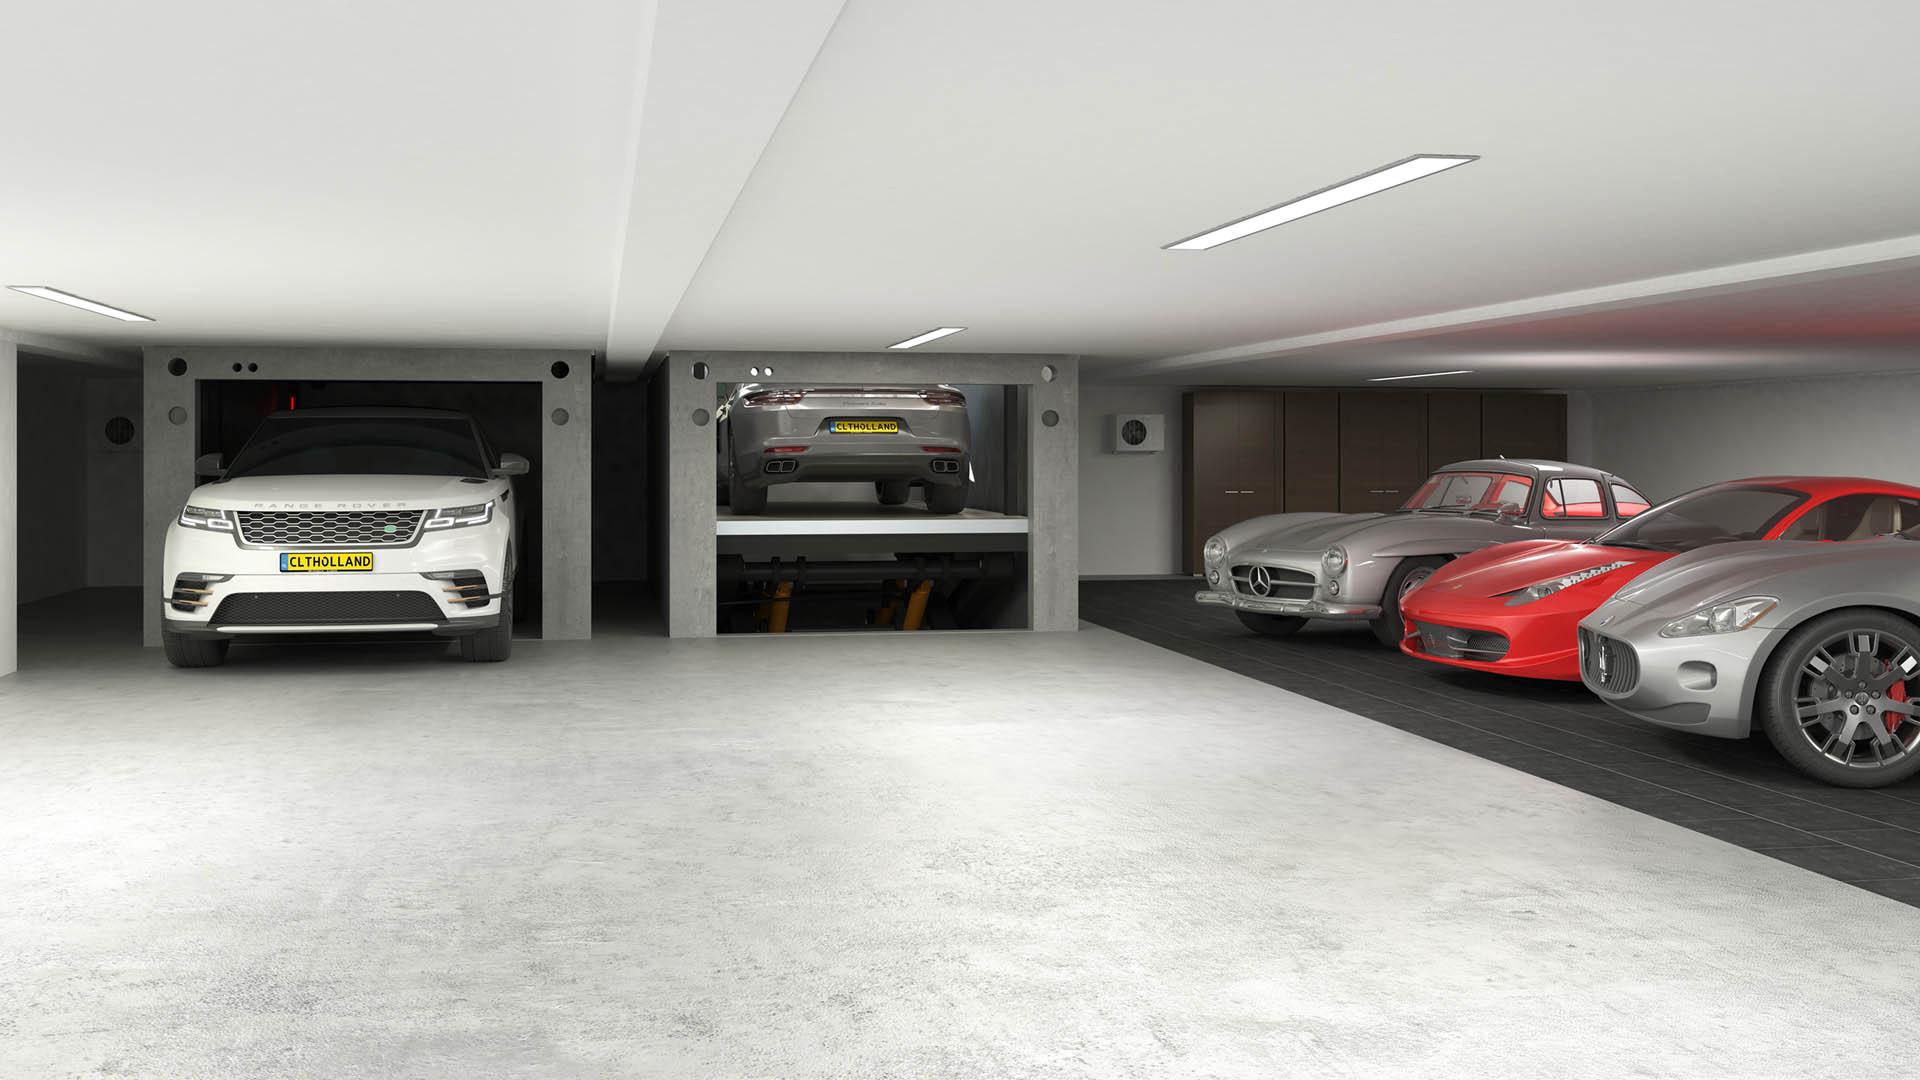 CLT Holland - Down Parker - Situatie inbouw in parkeerkelder